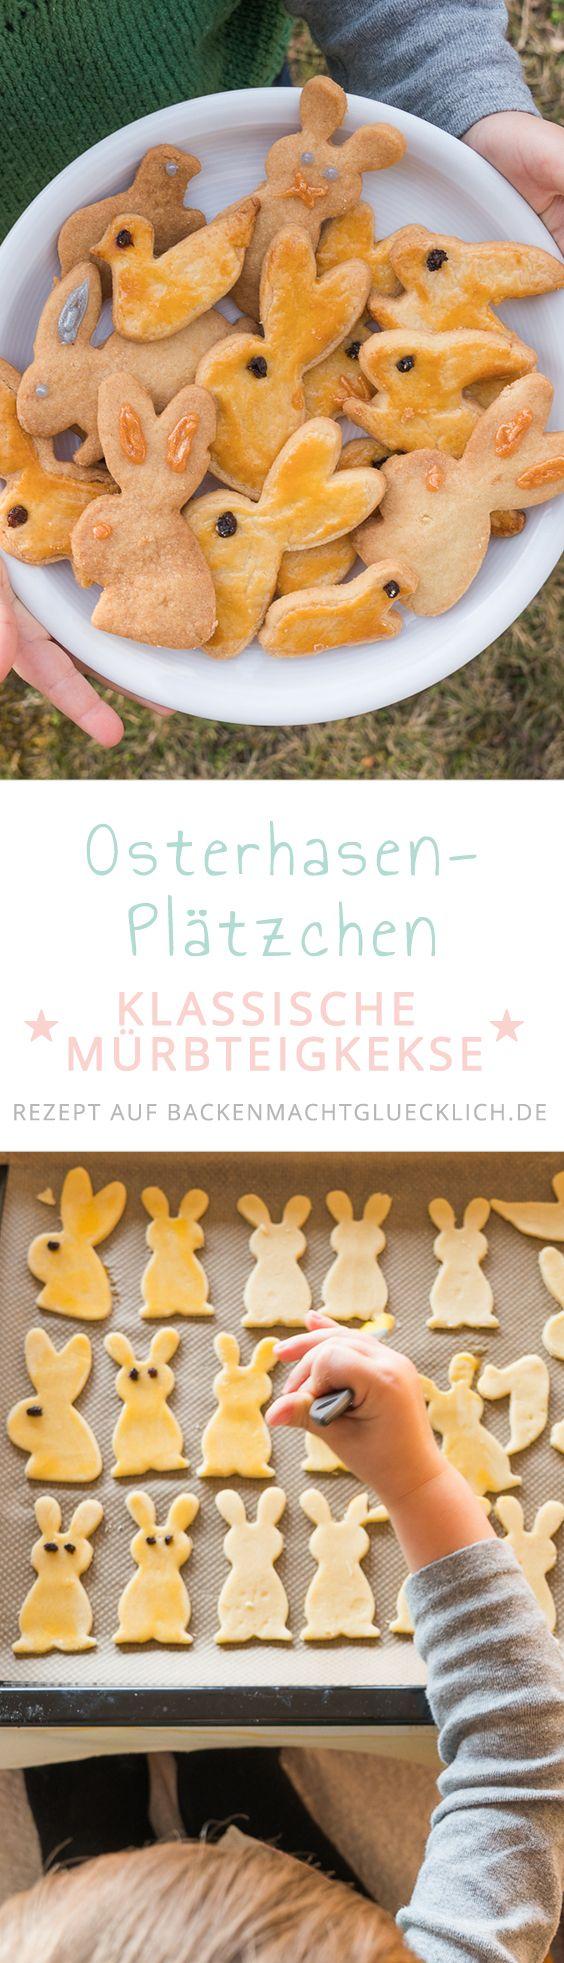 Tolles Rezept für Osterhasen-Plätzchen, das sich auch wunderbar für Kinder eignet. Mit diesem einfachen Mürbeteig macht Osterhasen-Selberbacken Spaß!